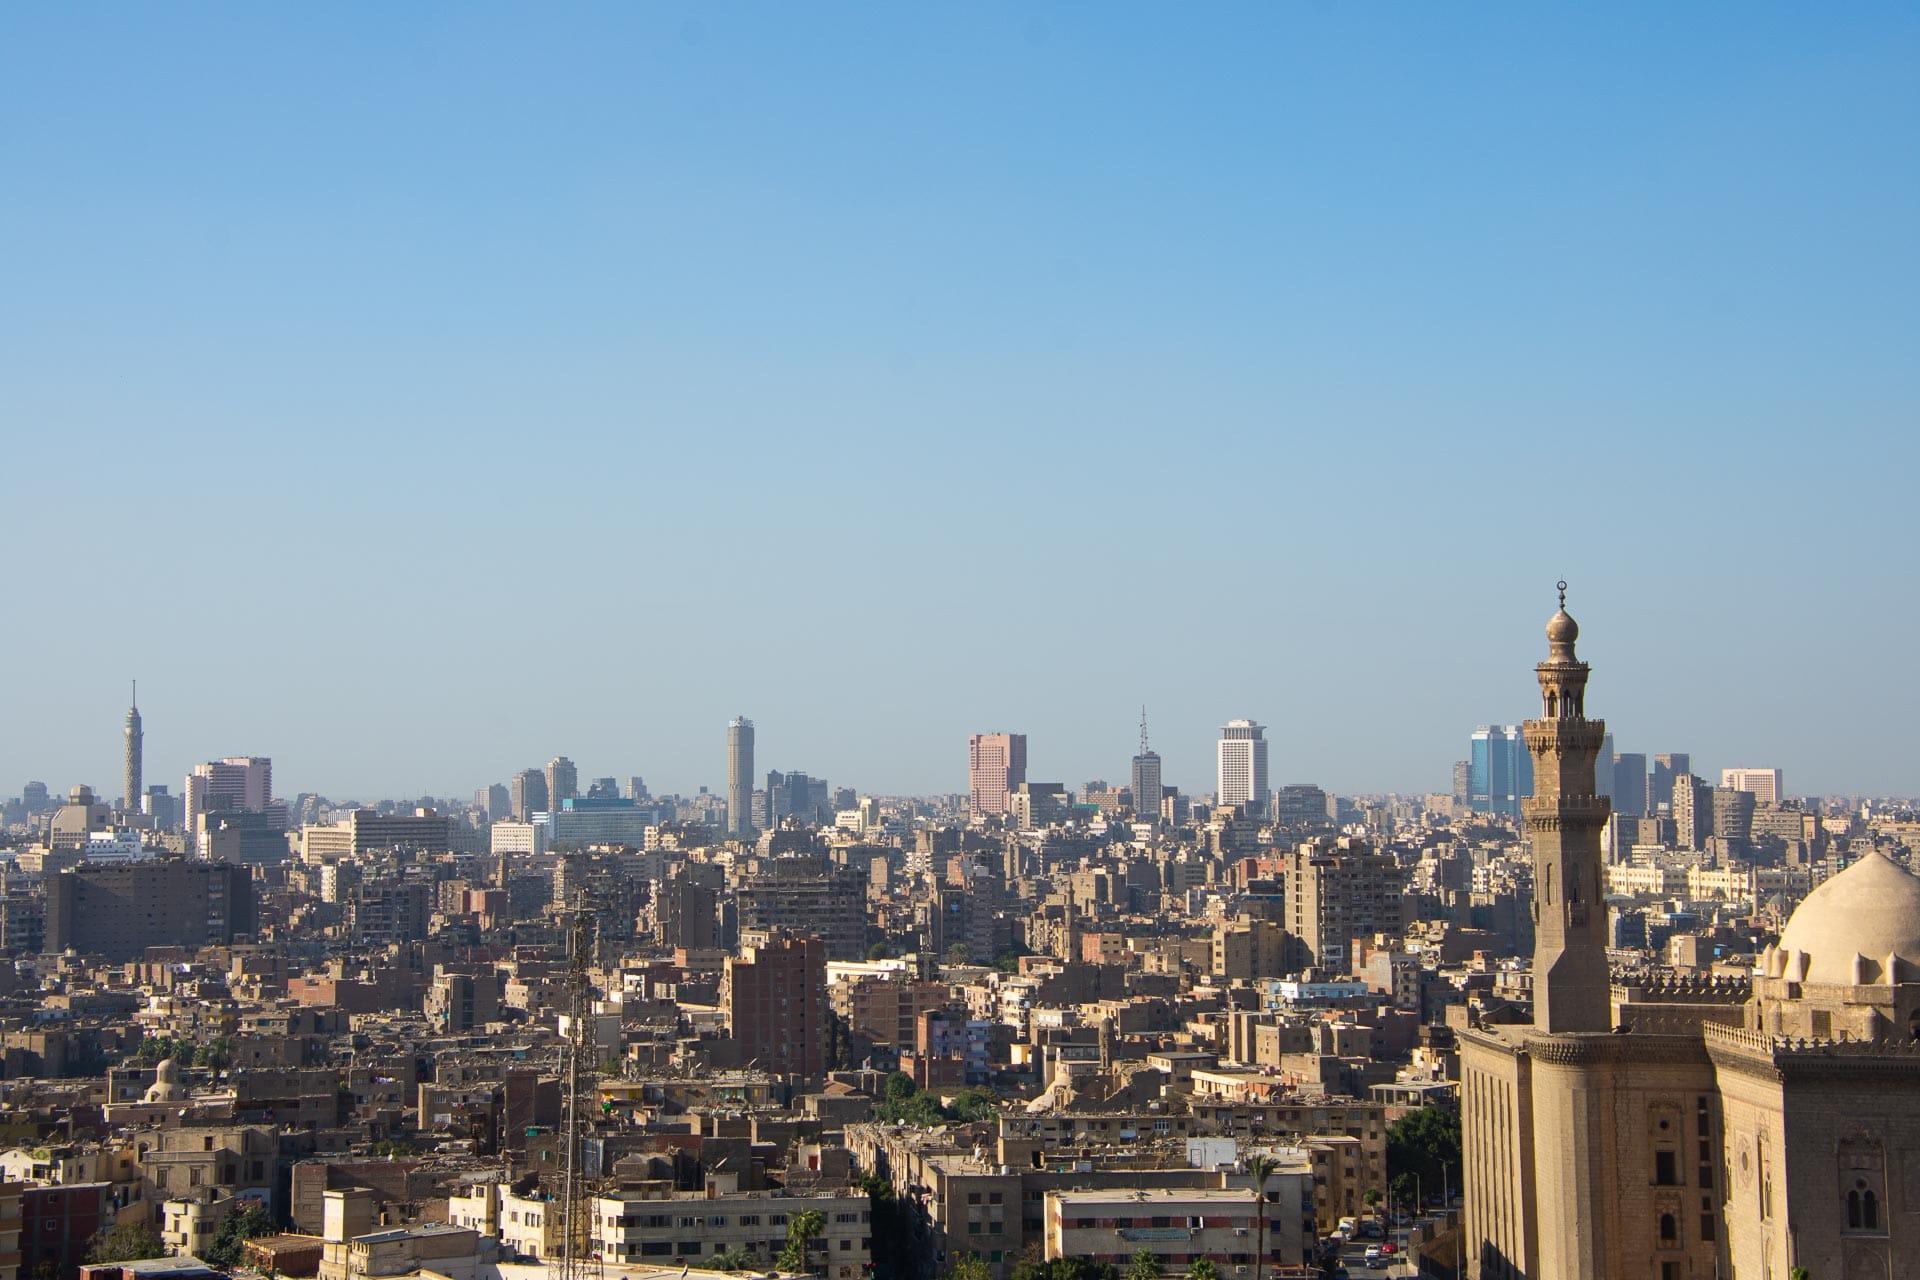 Die Muhammad-Ali-Moschee manchmal auch als Alabastermoschee bezeichnet, ist eine der großen Moscheen in Kairo